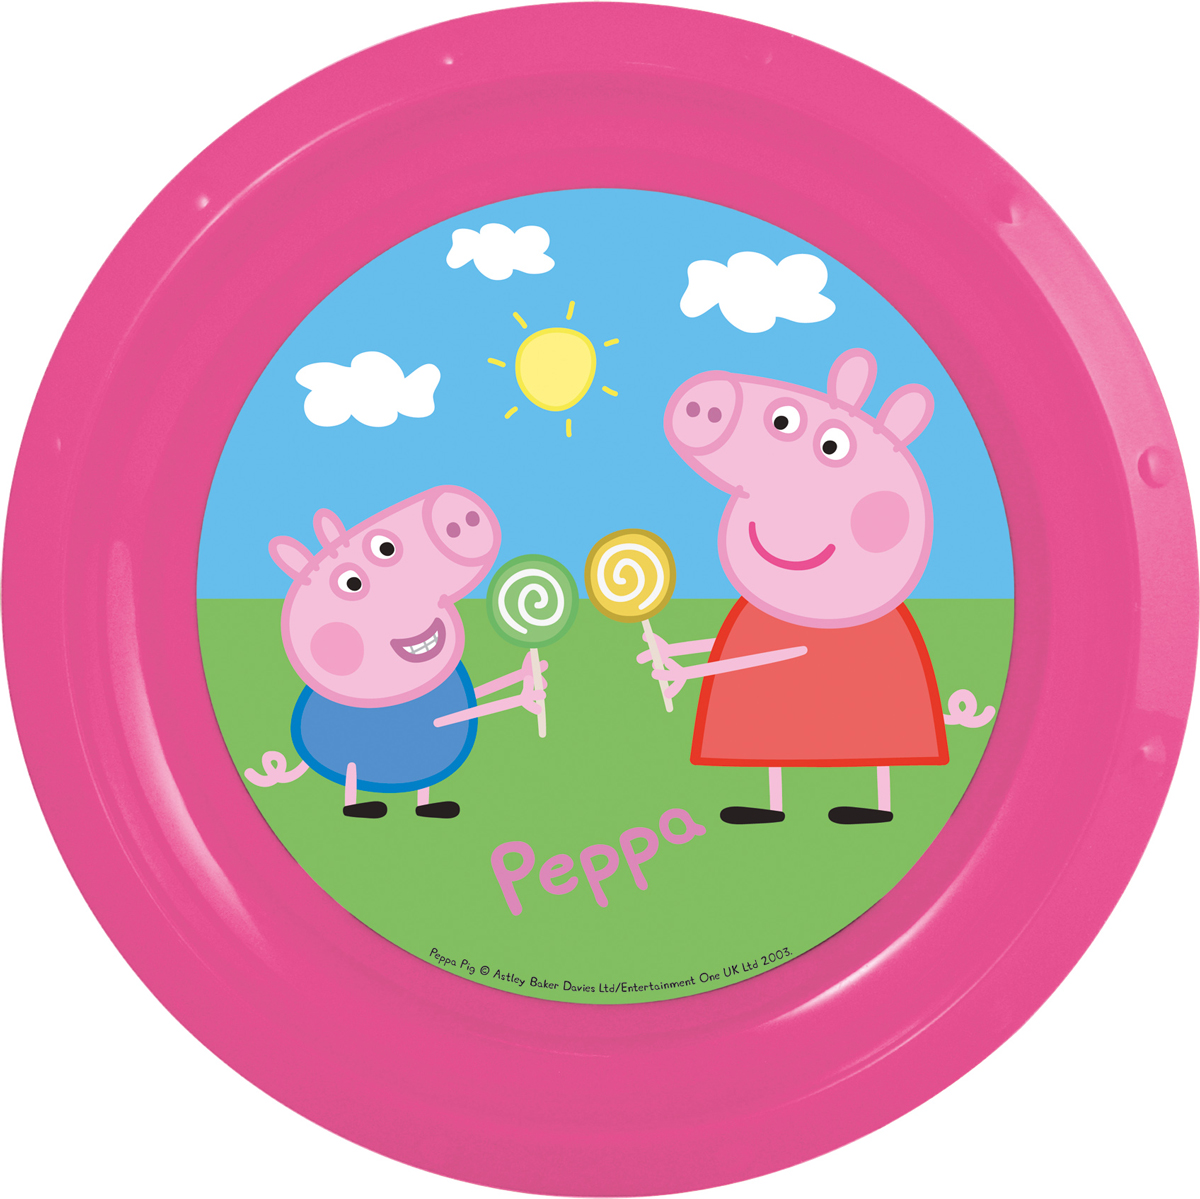 Peppa Pig Тарелка детская Свинка Пеппа115510Тарелка детская Свинка Пеппа диаметром 21,5 см.